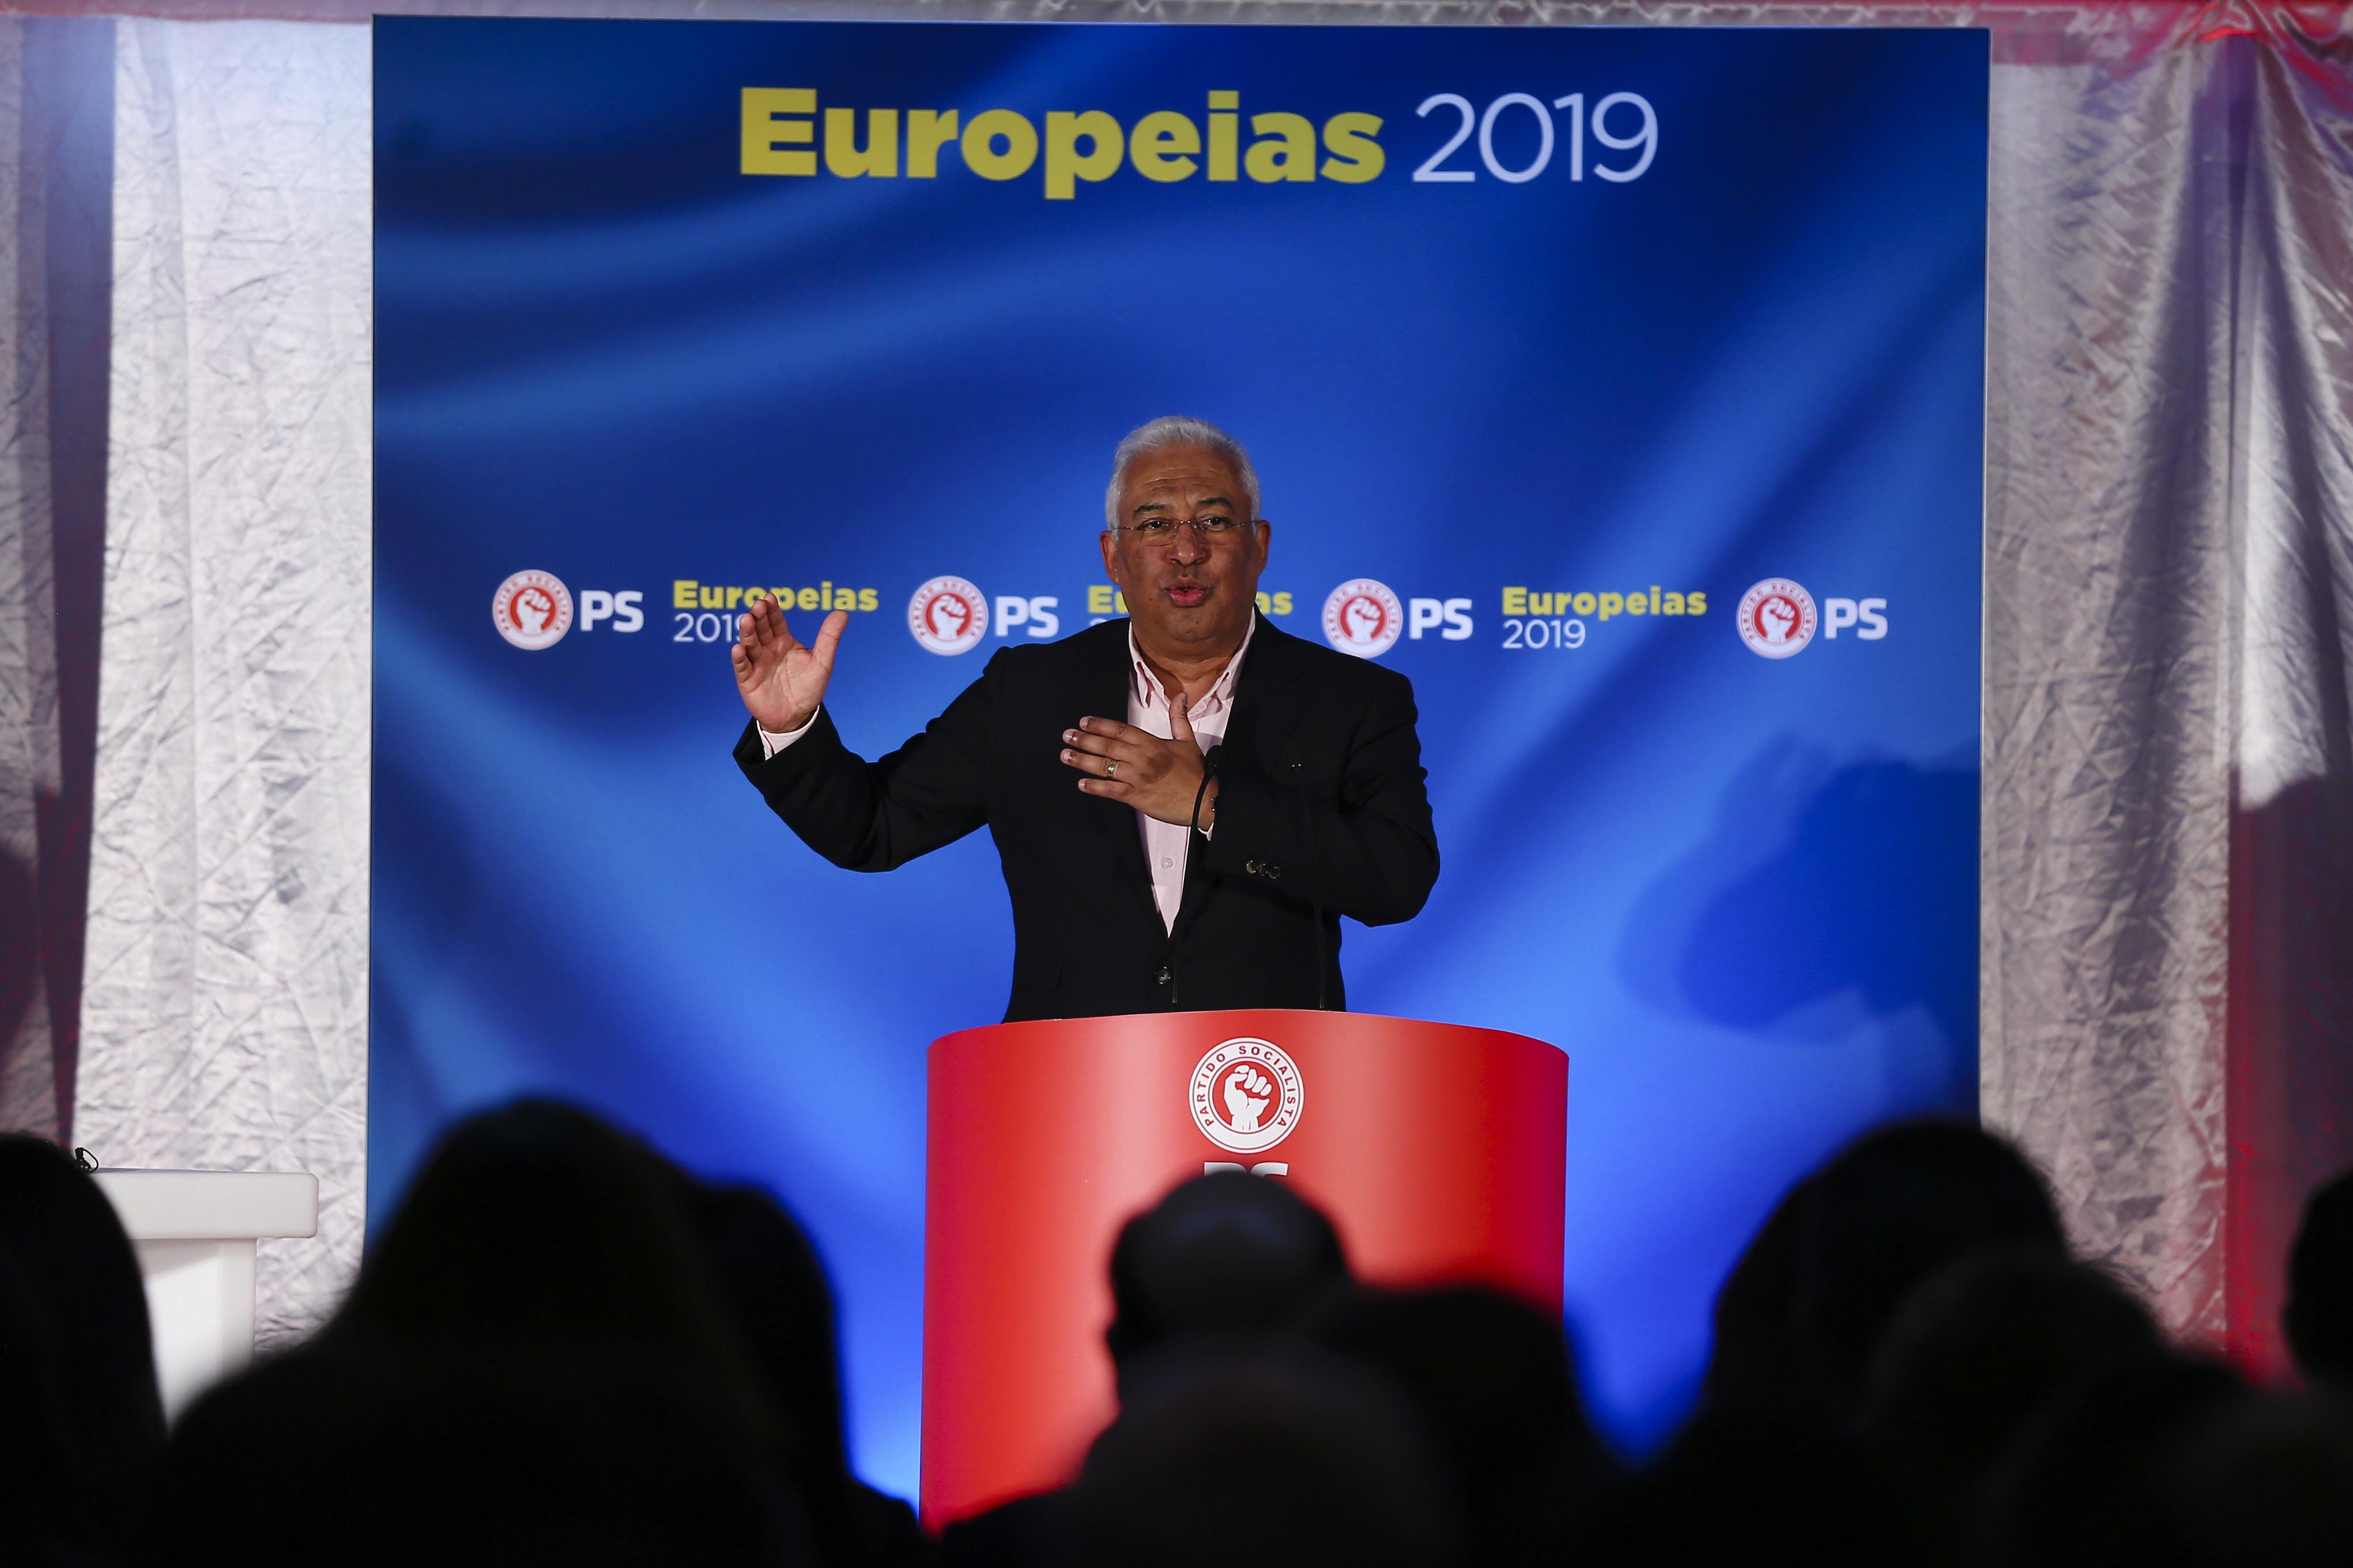 """Solução """"não é sair nem estar de joelhos"""", mas defender país na Europa"""